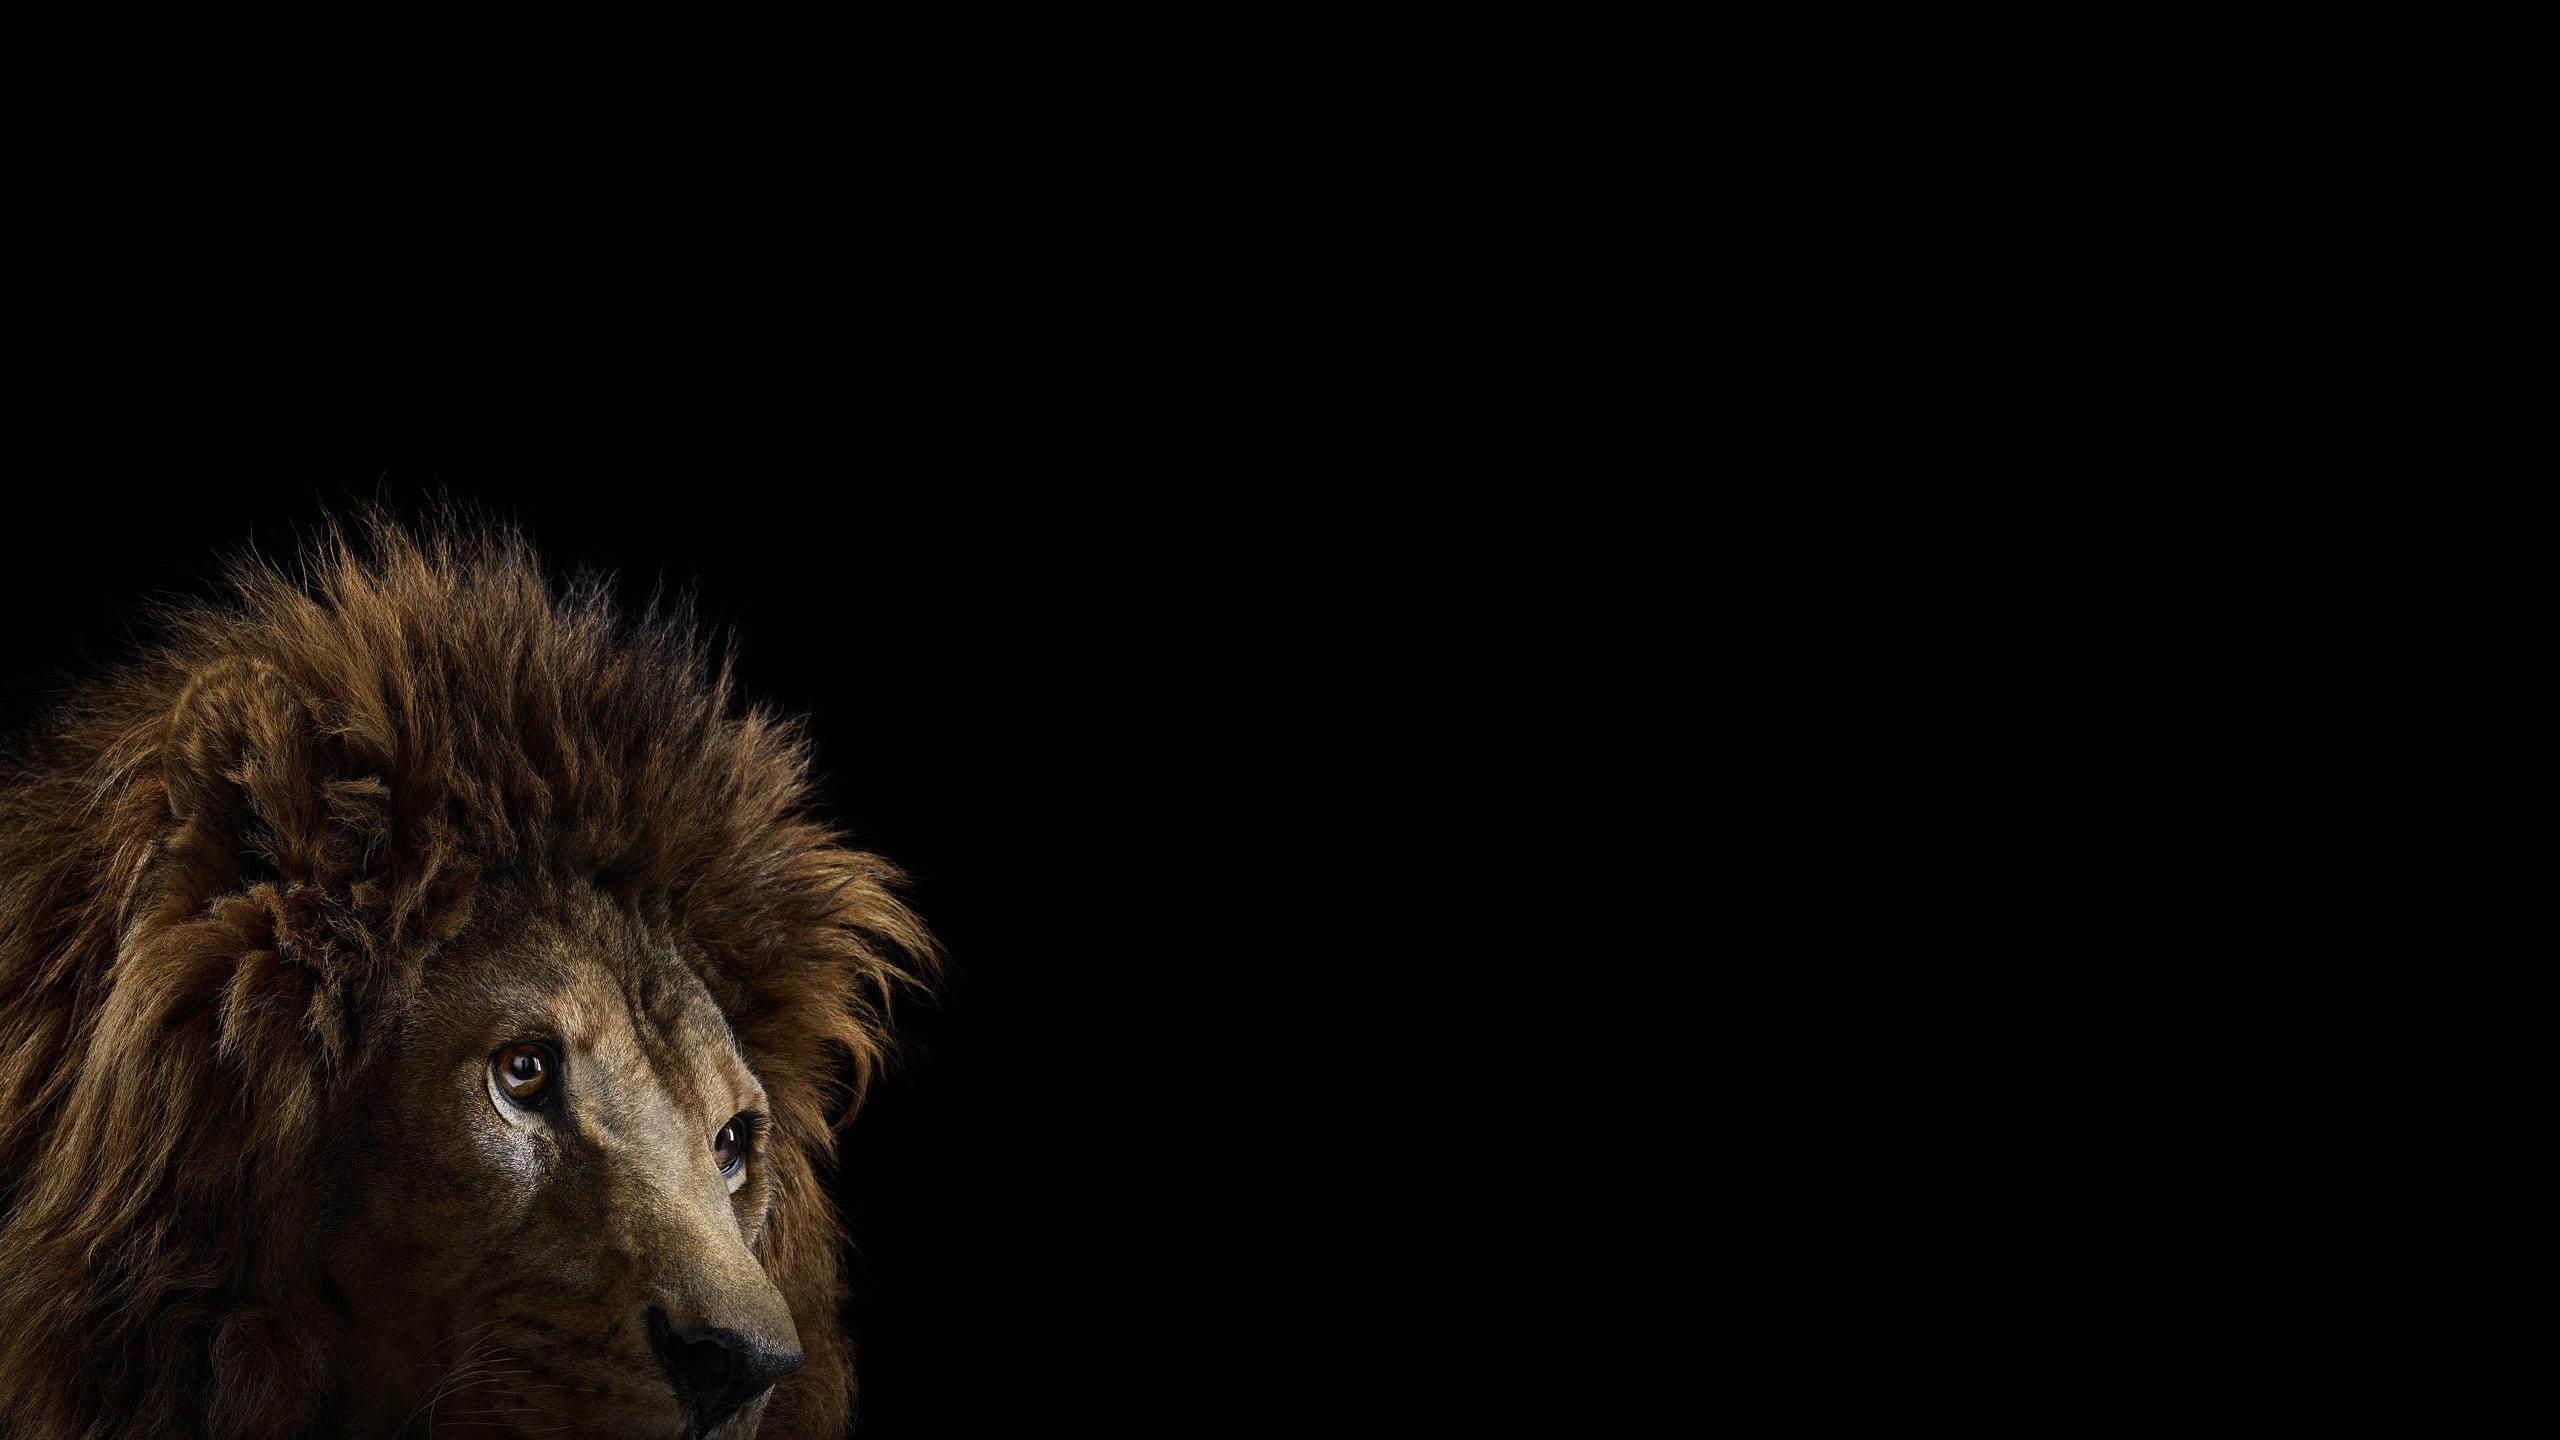 brown lion on black